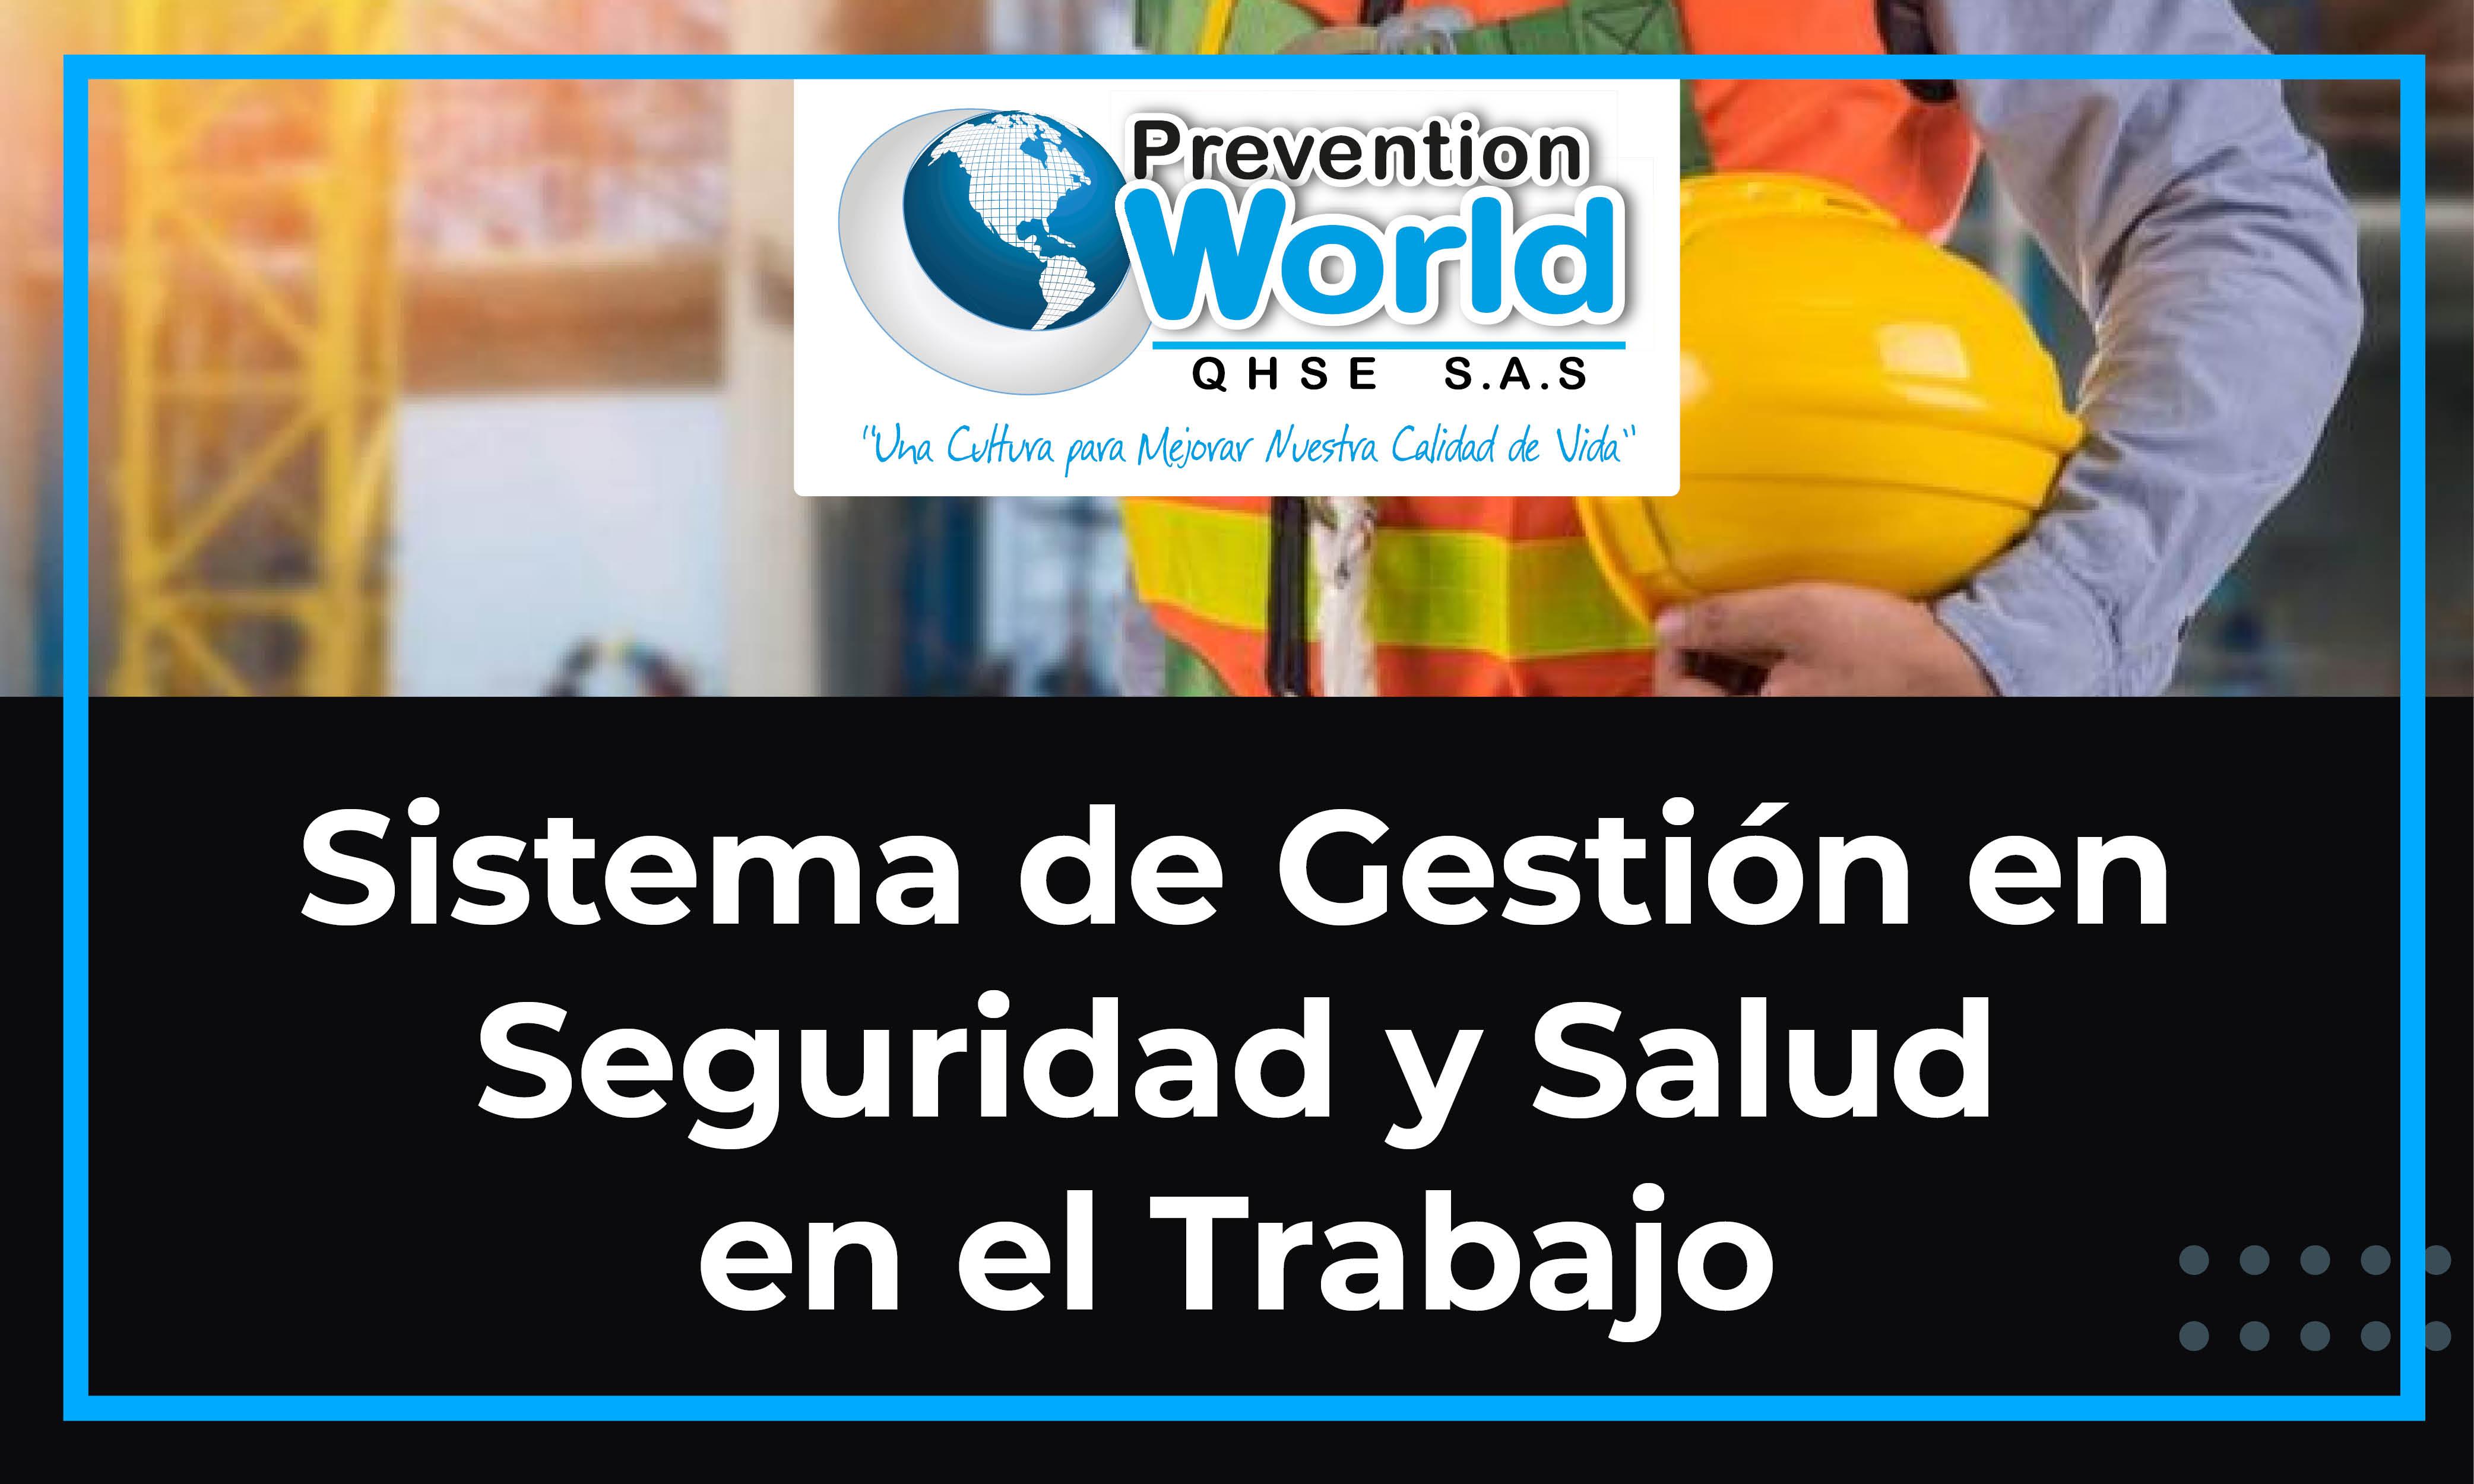 Sistema de Gestión en Seguridad y Salud en el Trabajo